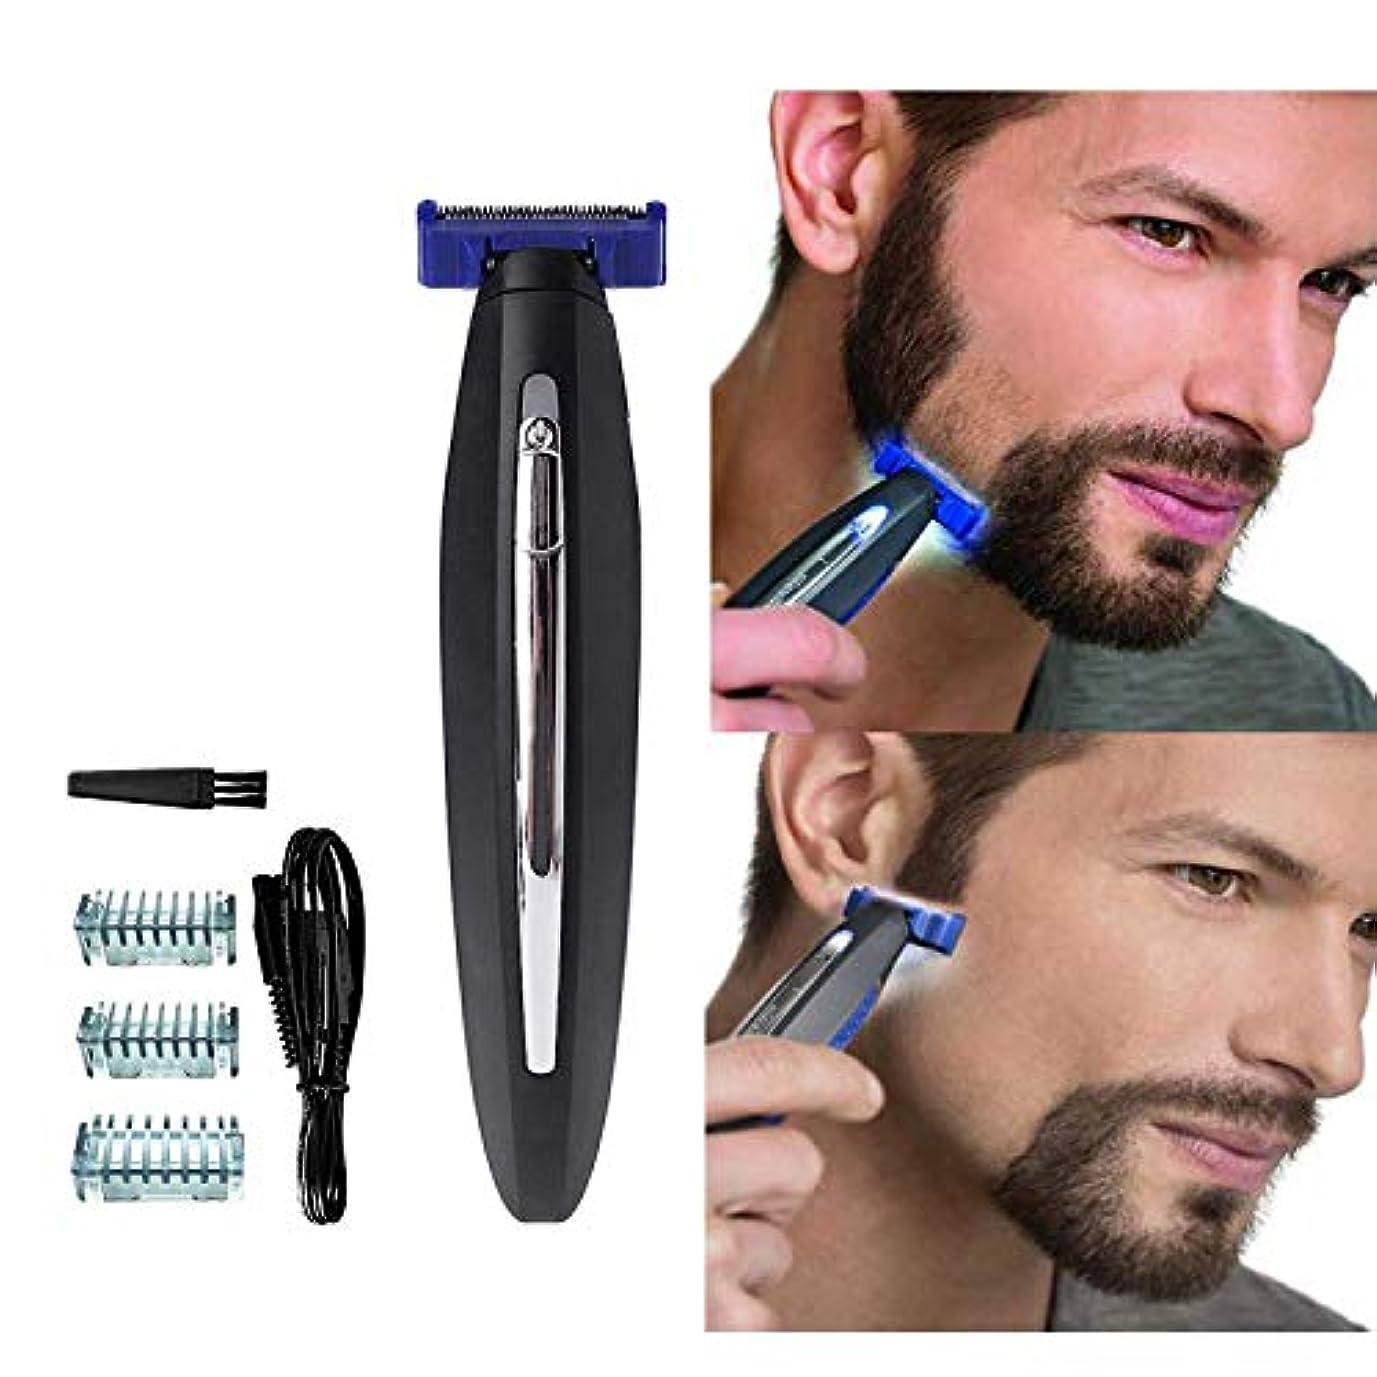 西モンゴメリー遊び場男性のための電気かみそり、髪のクリーニングシェーバートリマーと防水スマートかみそり、男性のための眉毛のひげのフェイシャルとボディヘアーのための毛の除去剤, black